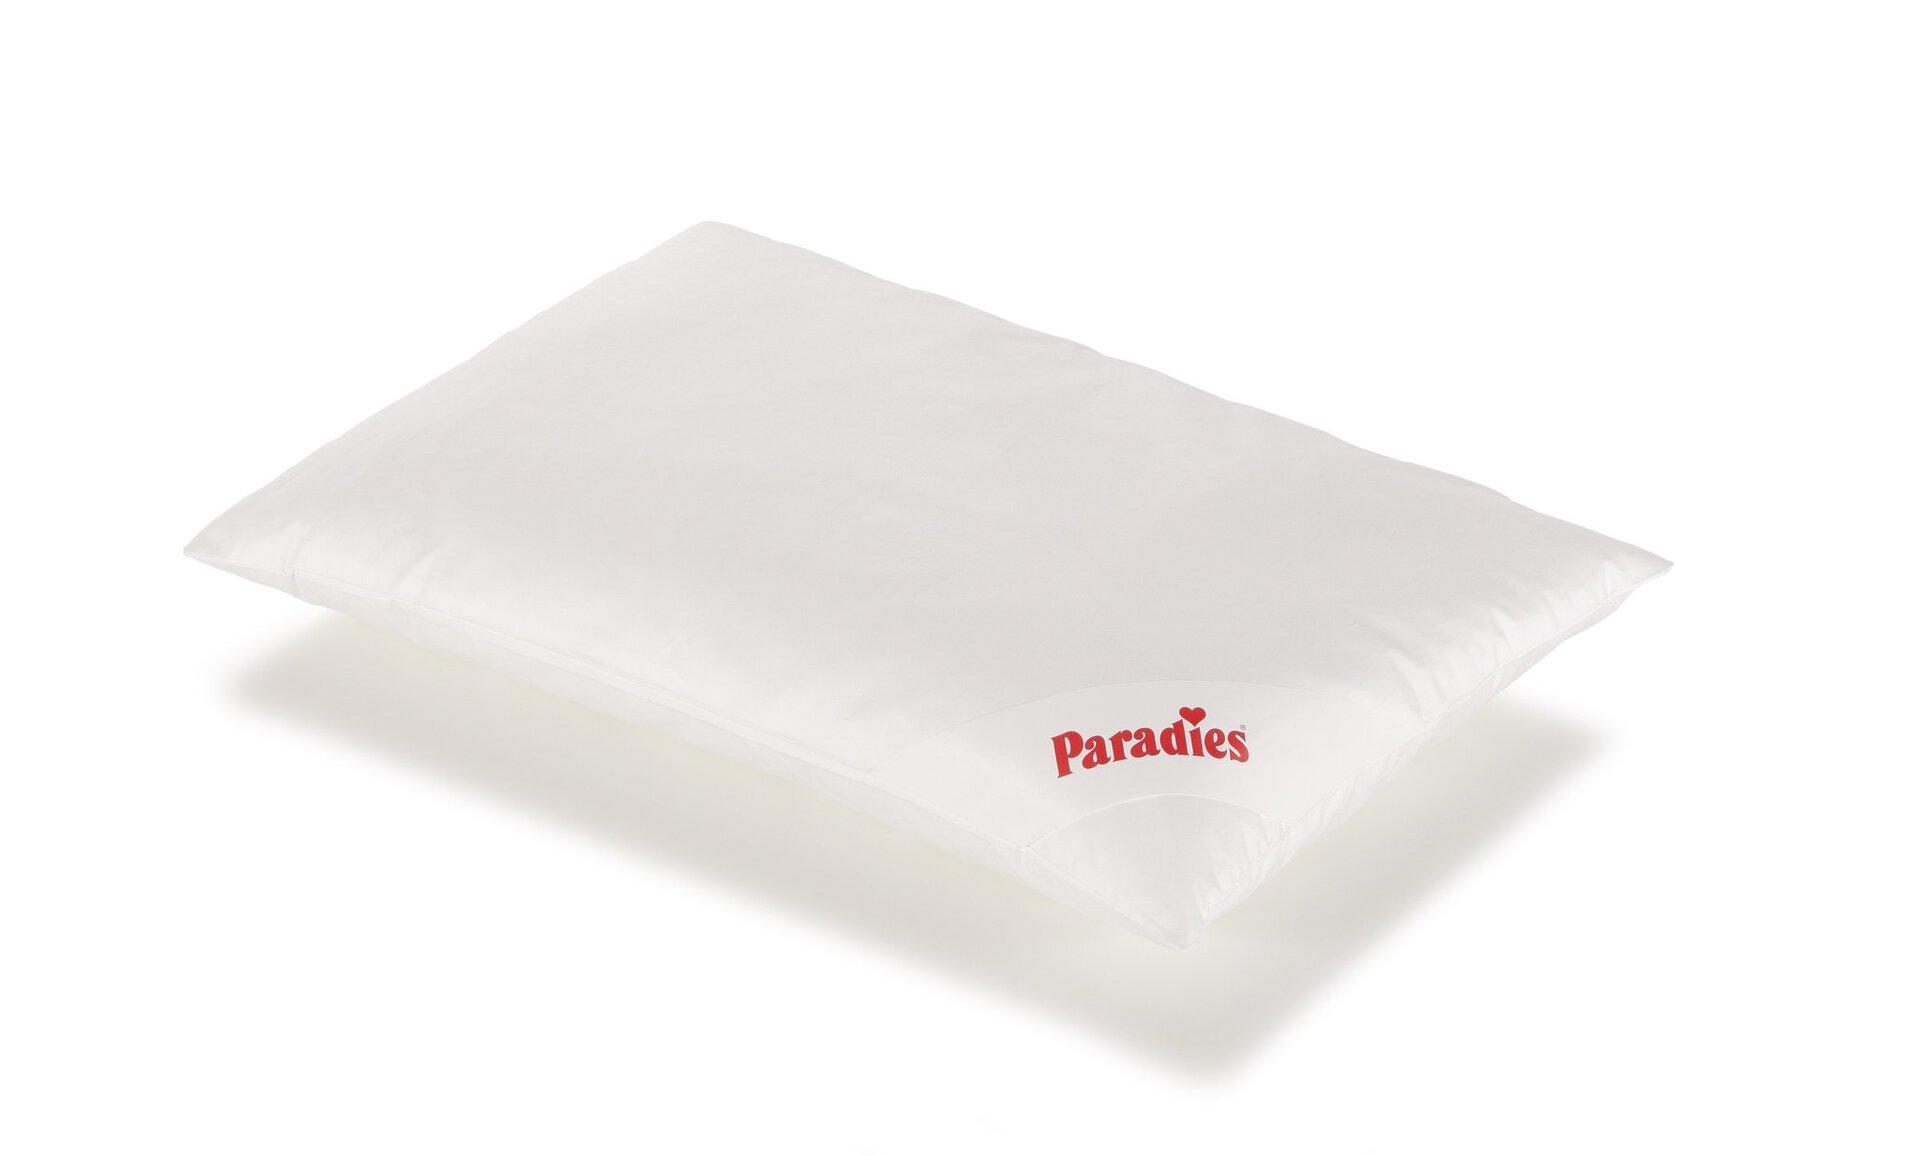 Winterdaunendecke Galia 90 winterwarm Paradies Textil weiß 135 x 200 cm